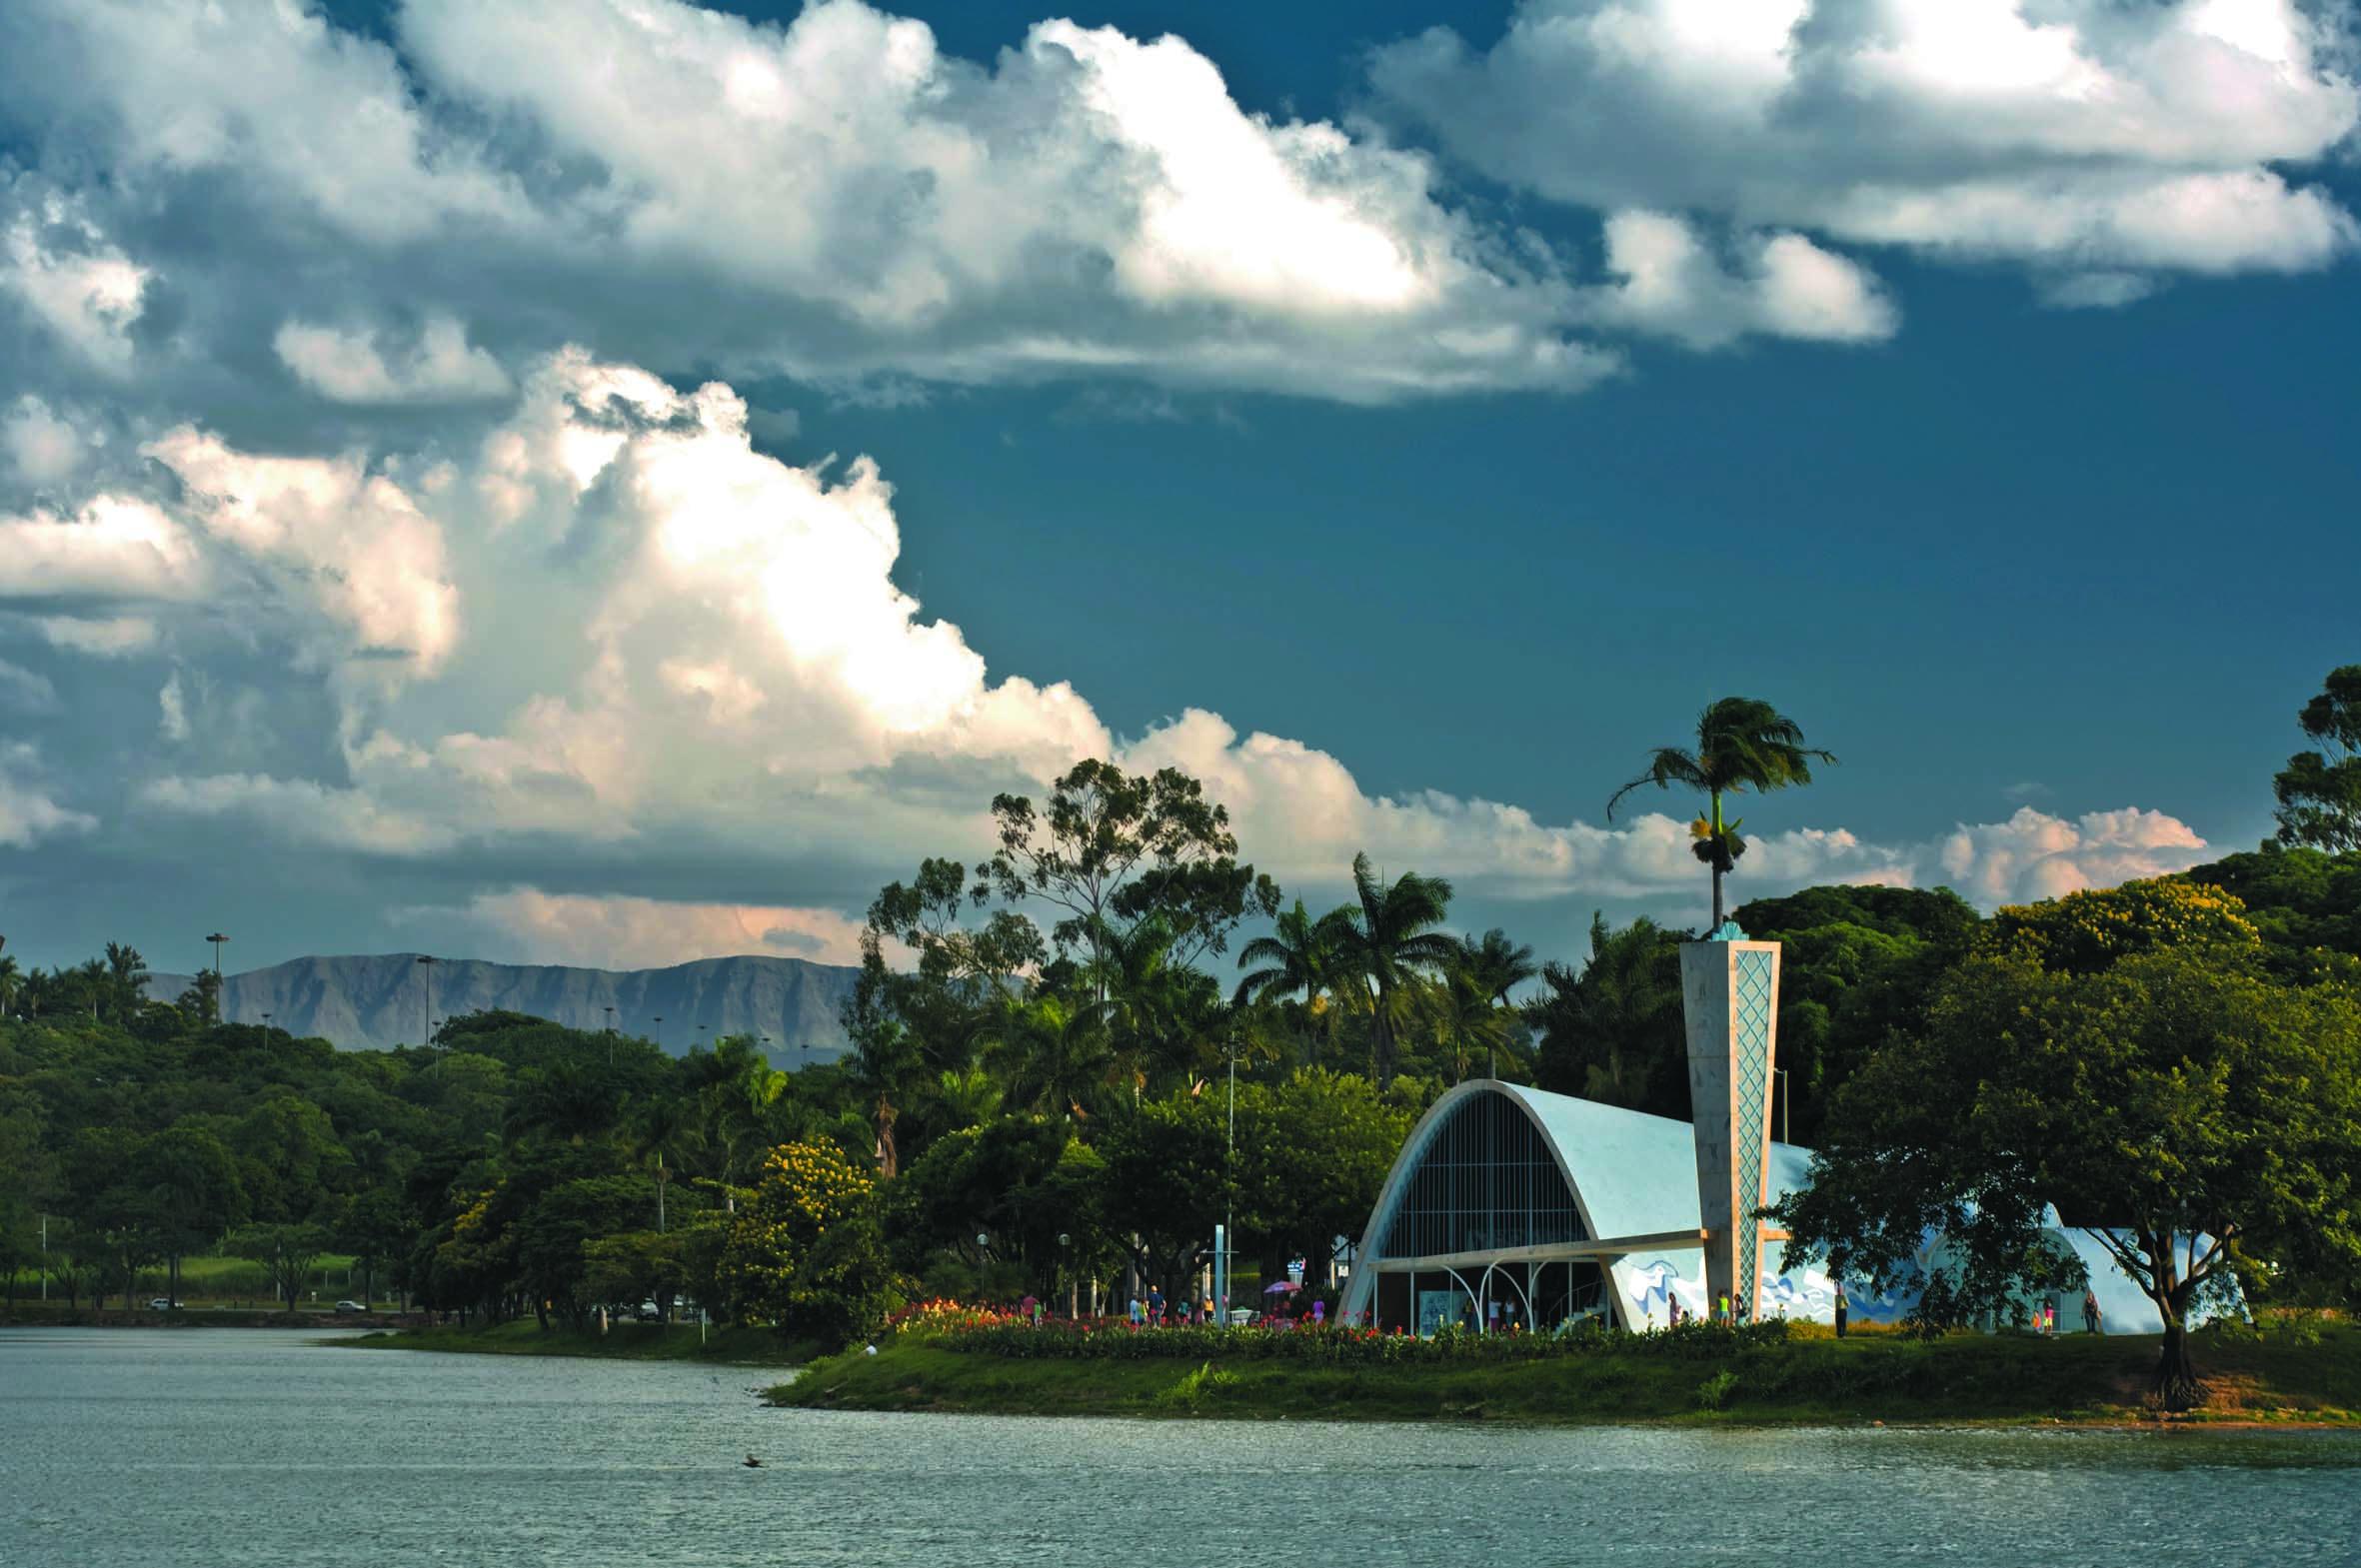 Vista da Pampulha, em BH - (Foto: Marcelo Rosa)